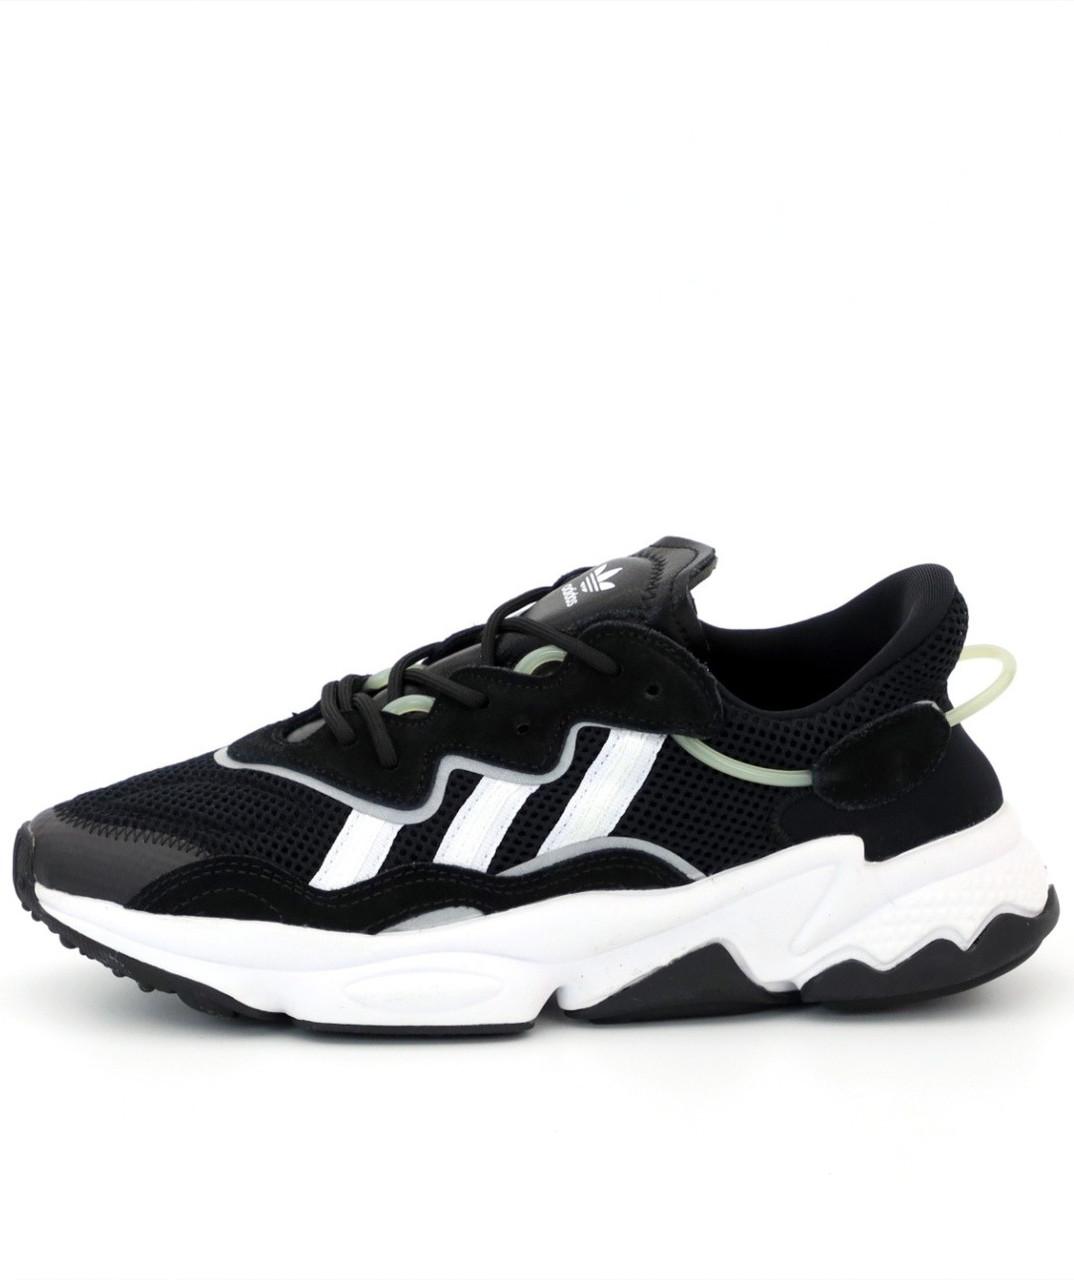 Мужские кроссовки Adidas Ozweego (Адидас Озвиго)